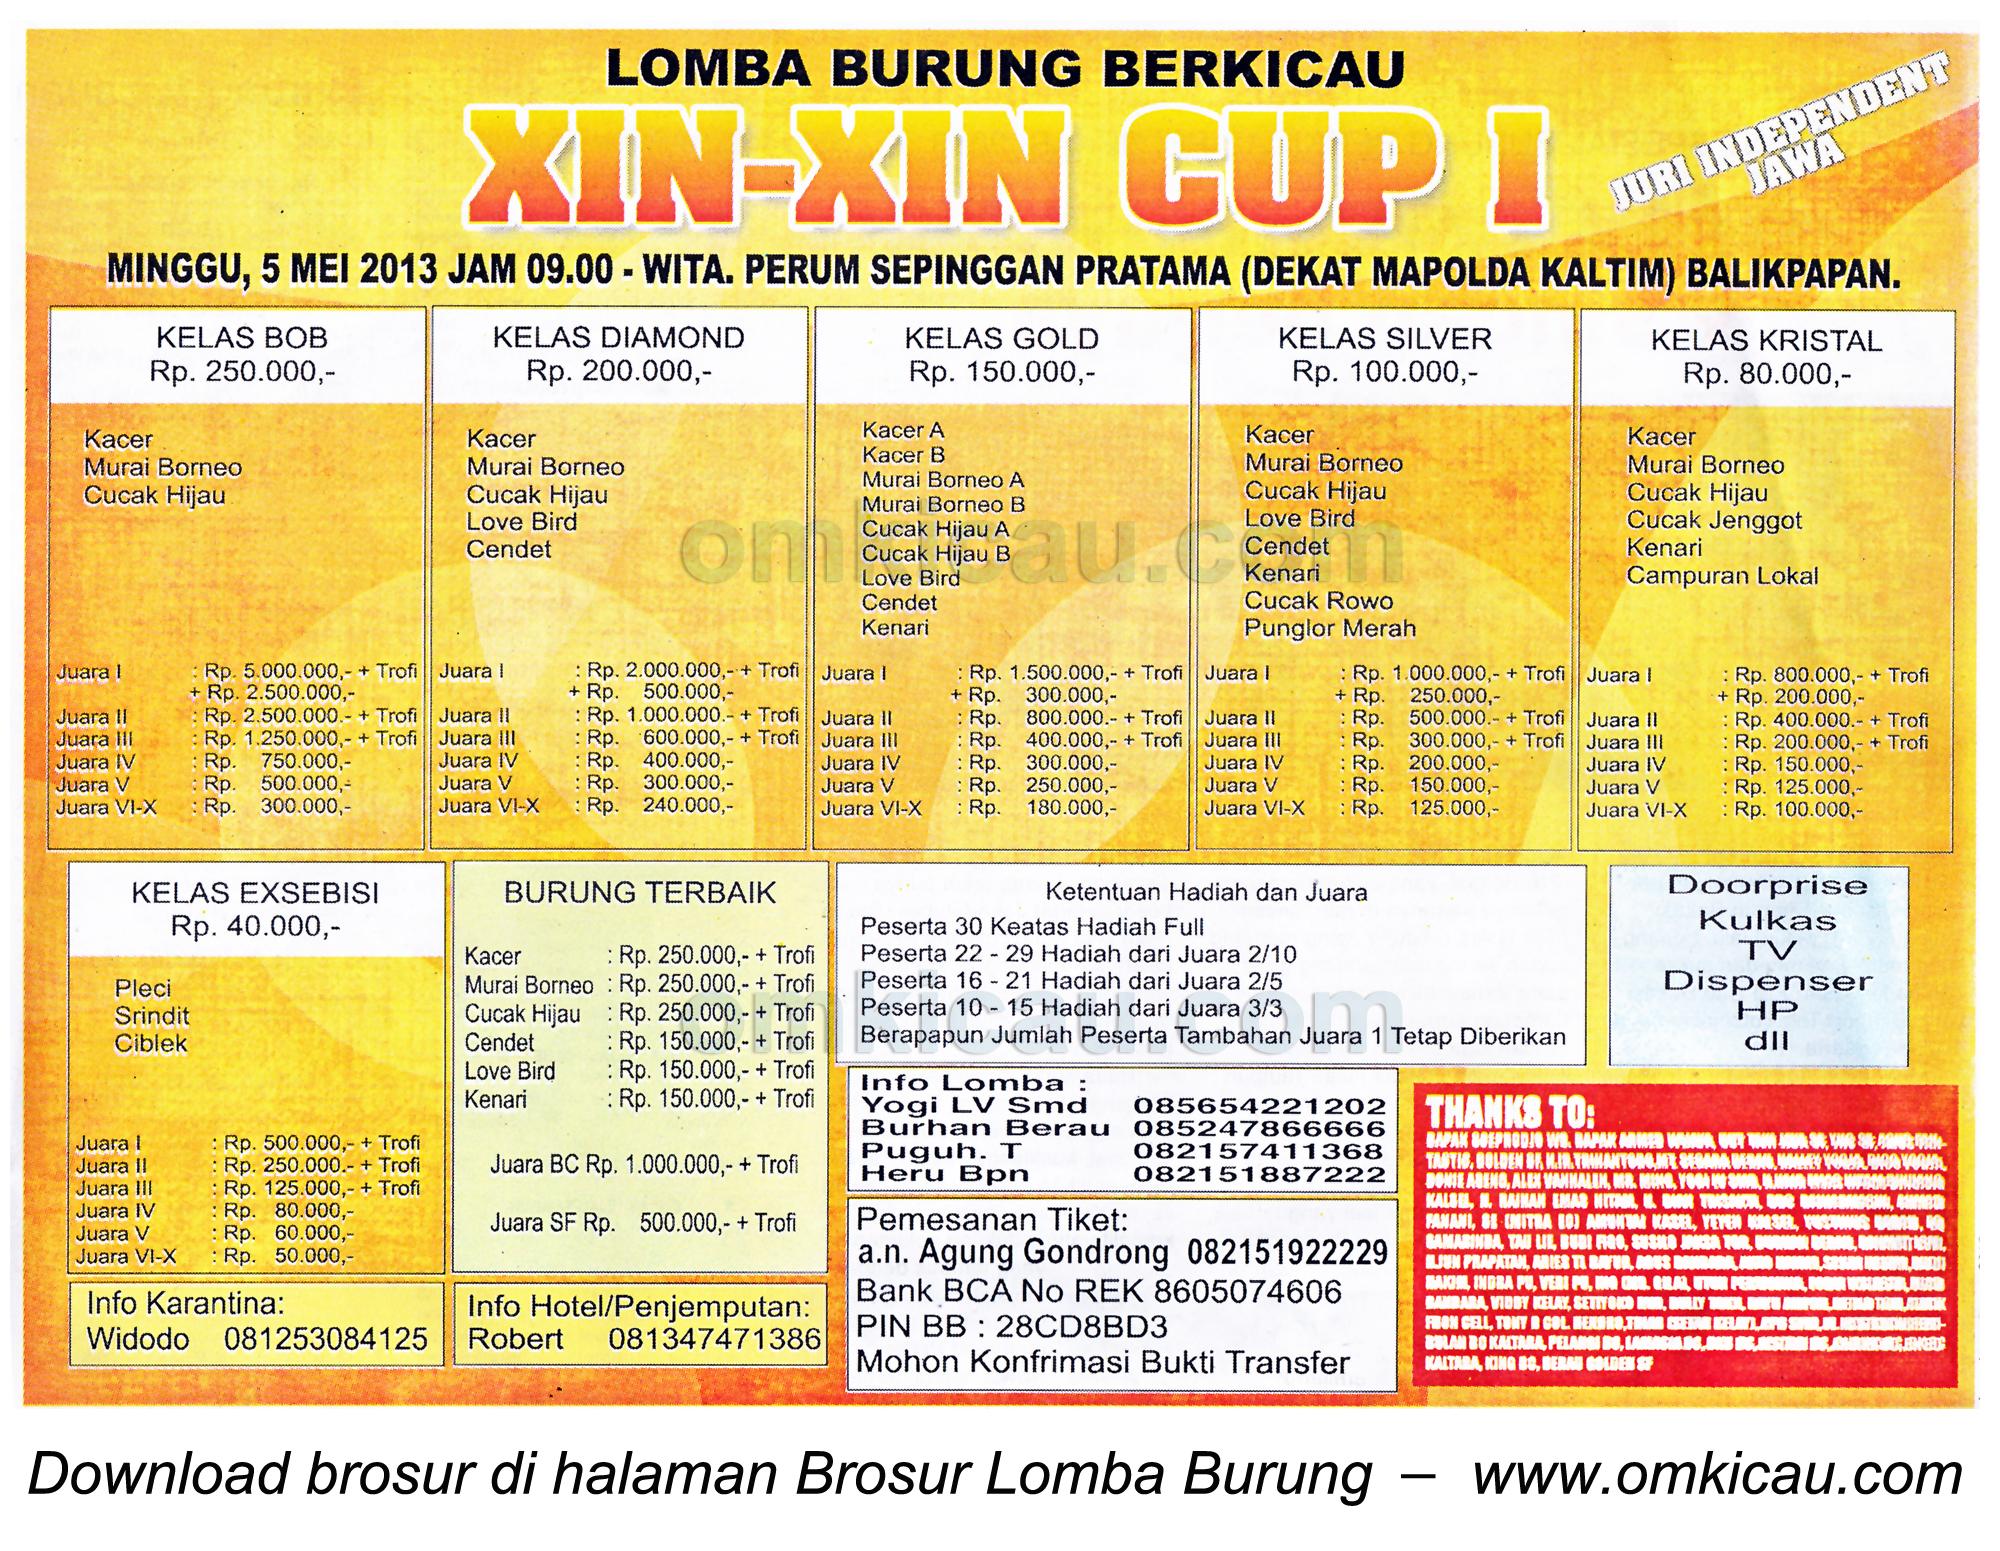 Brosur Lomba Burung Xin - Xin Cup - Balikpapan - 5 Mei 2013